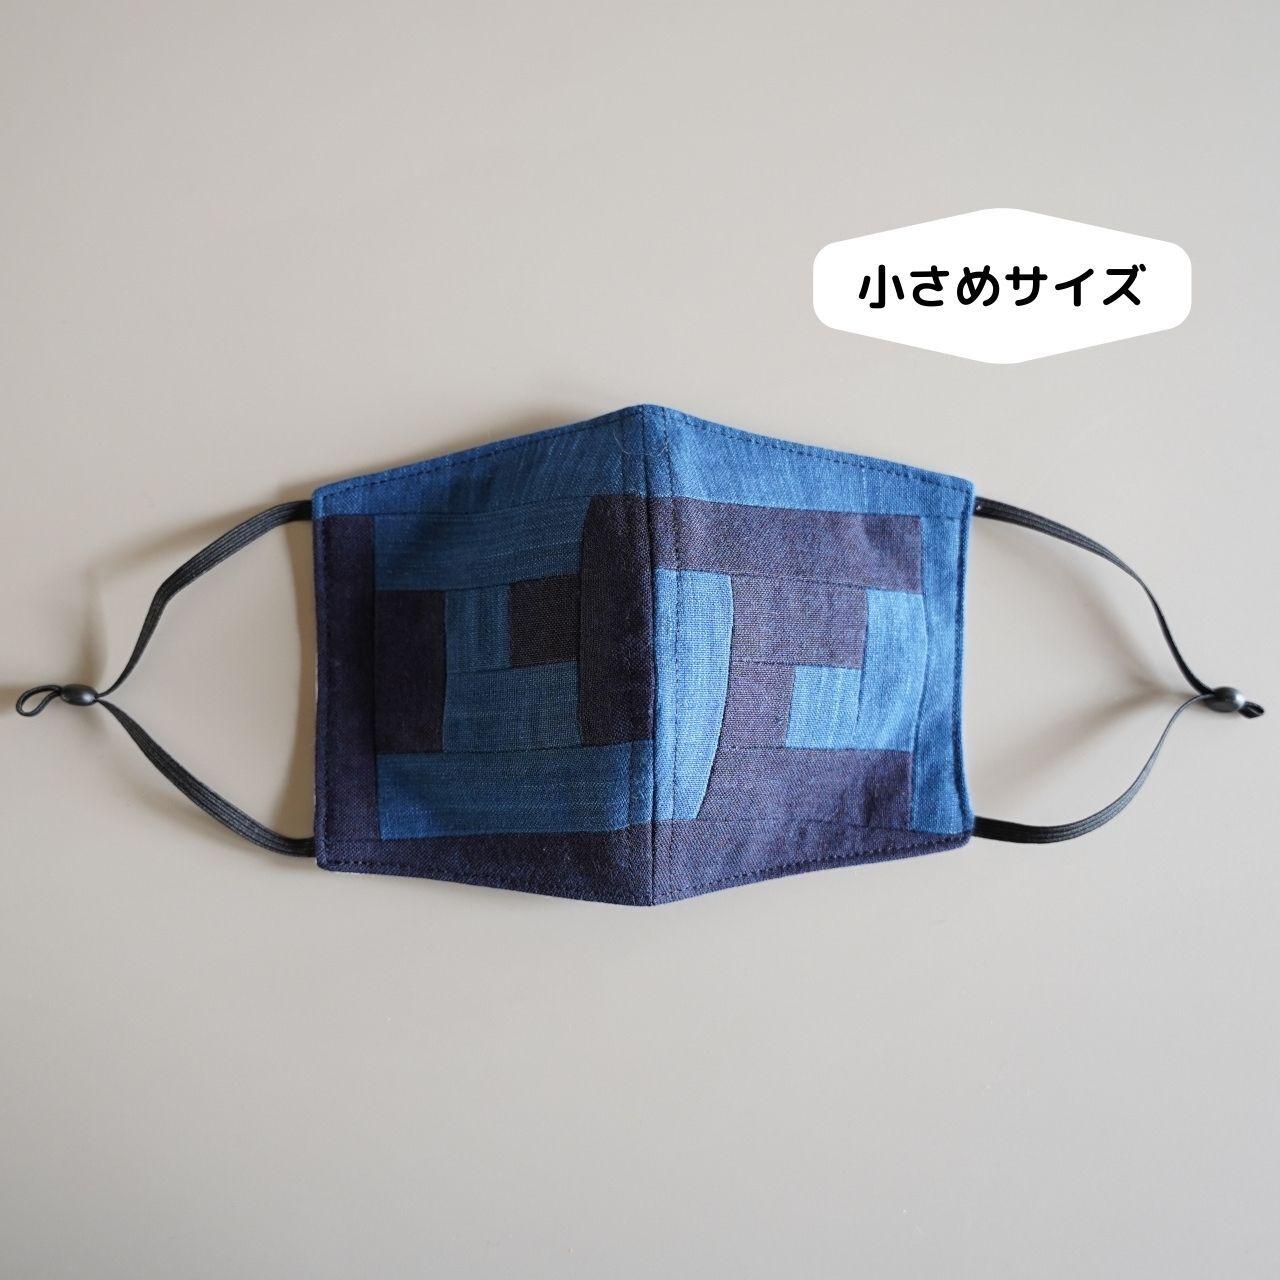 うしじま縫製   武州正藍染 マスク ★小さめサイズ・あさぎ/濃紺 クレージーパターン★ オールシーズン